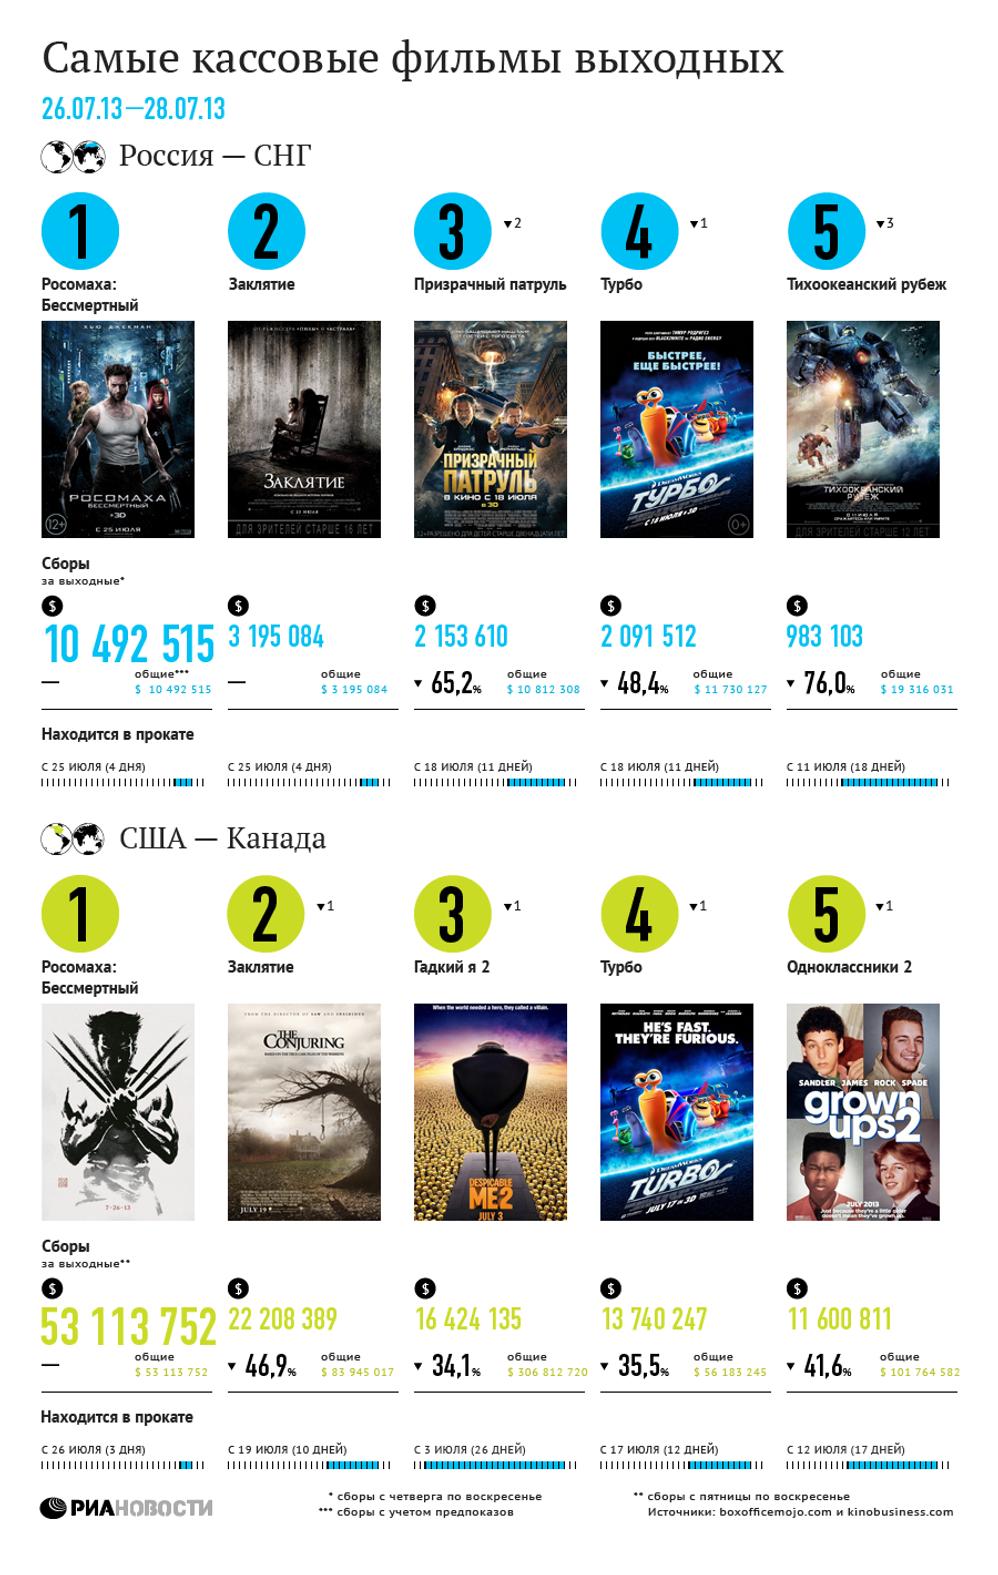 Самые кассовые фильмы выходных (26-28 июля)